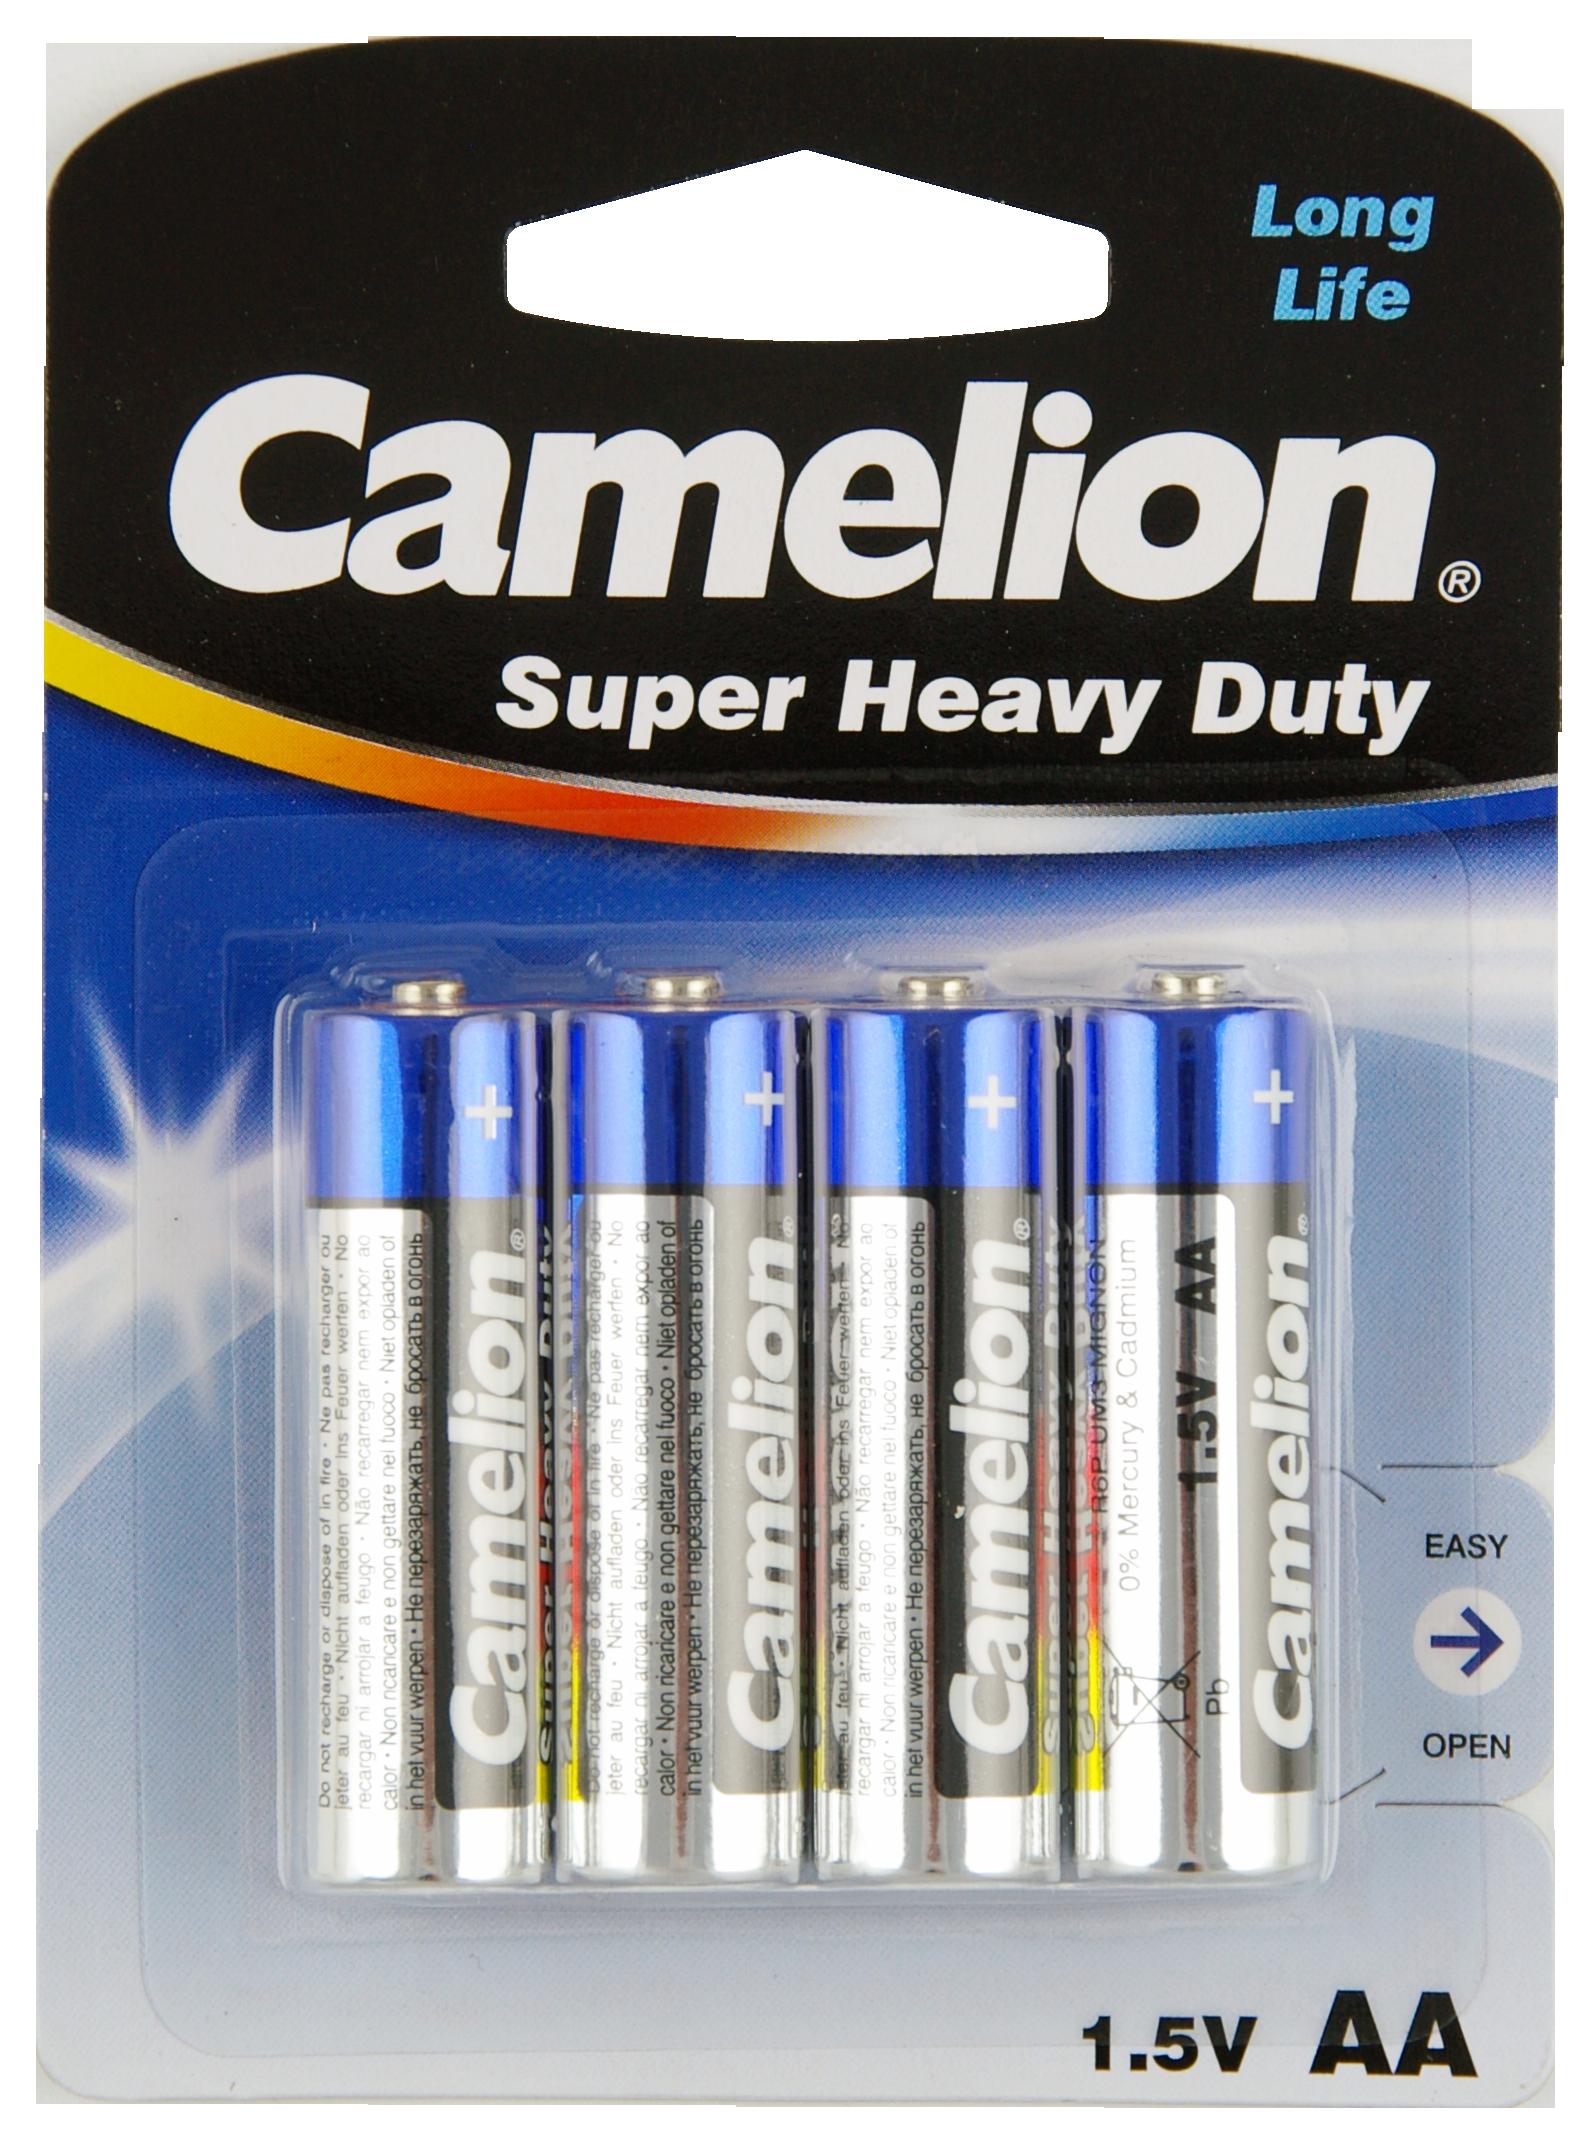 Super Heavy Duty Batteries